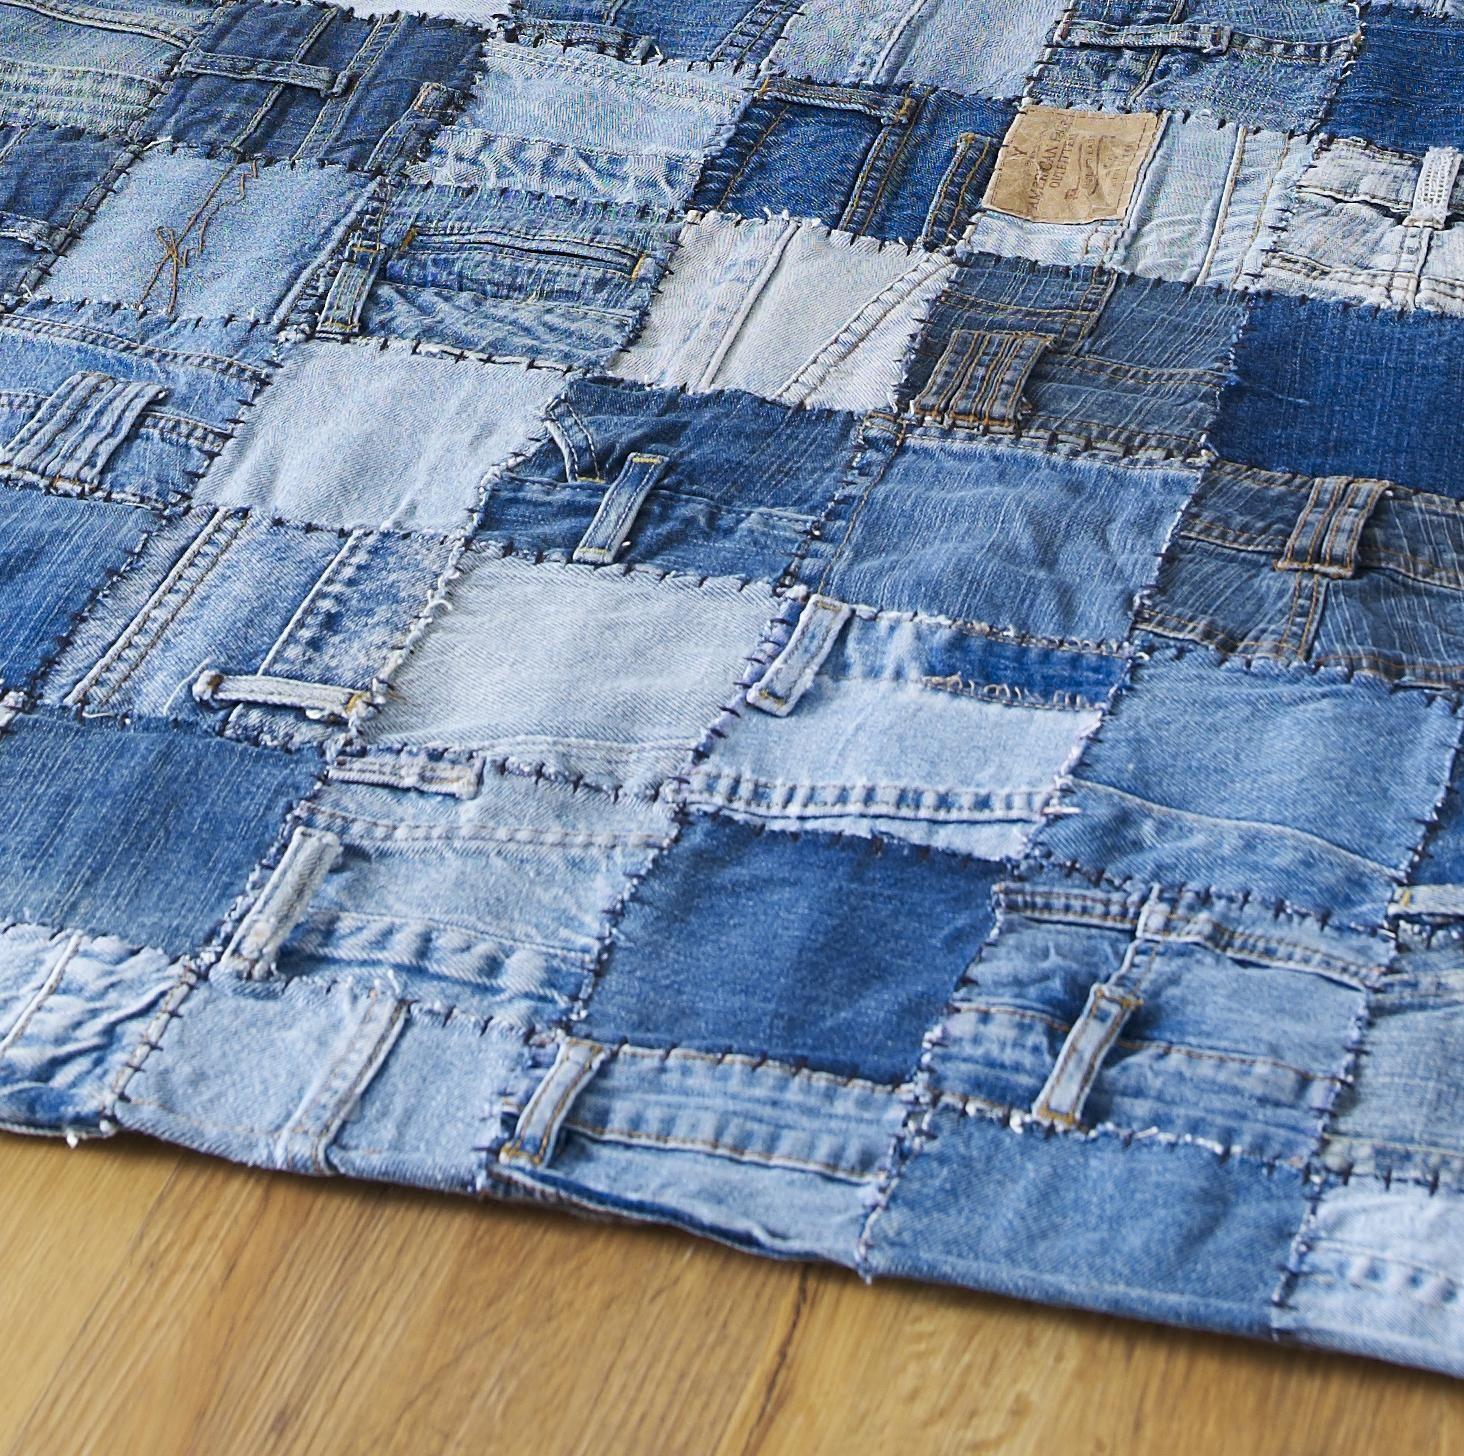 Denim Rug From Old Jeans: Denim - OCR Patchwork